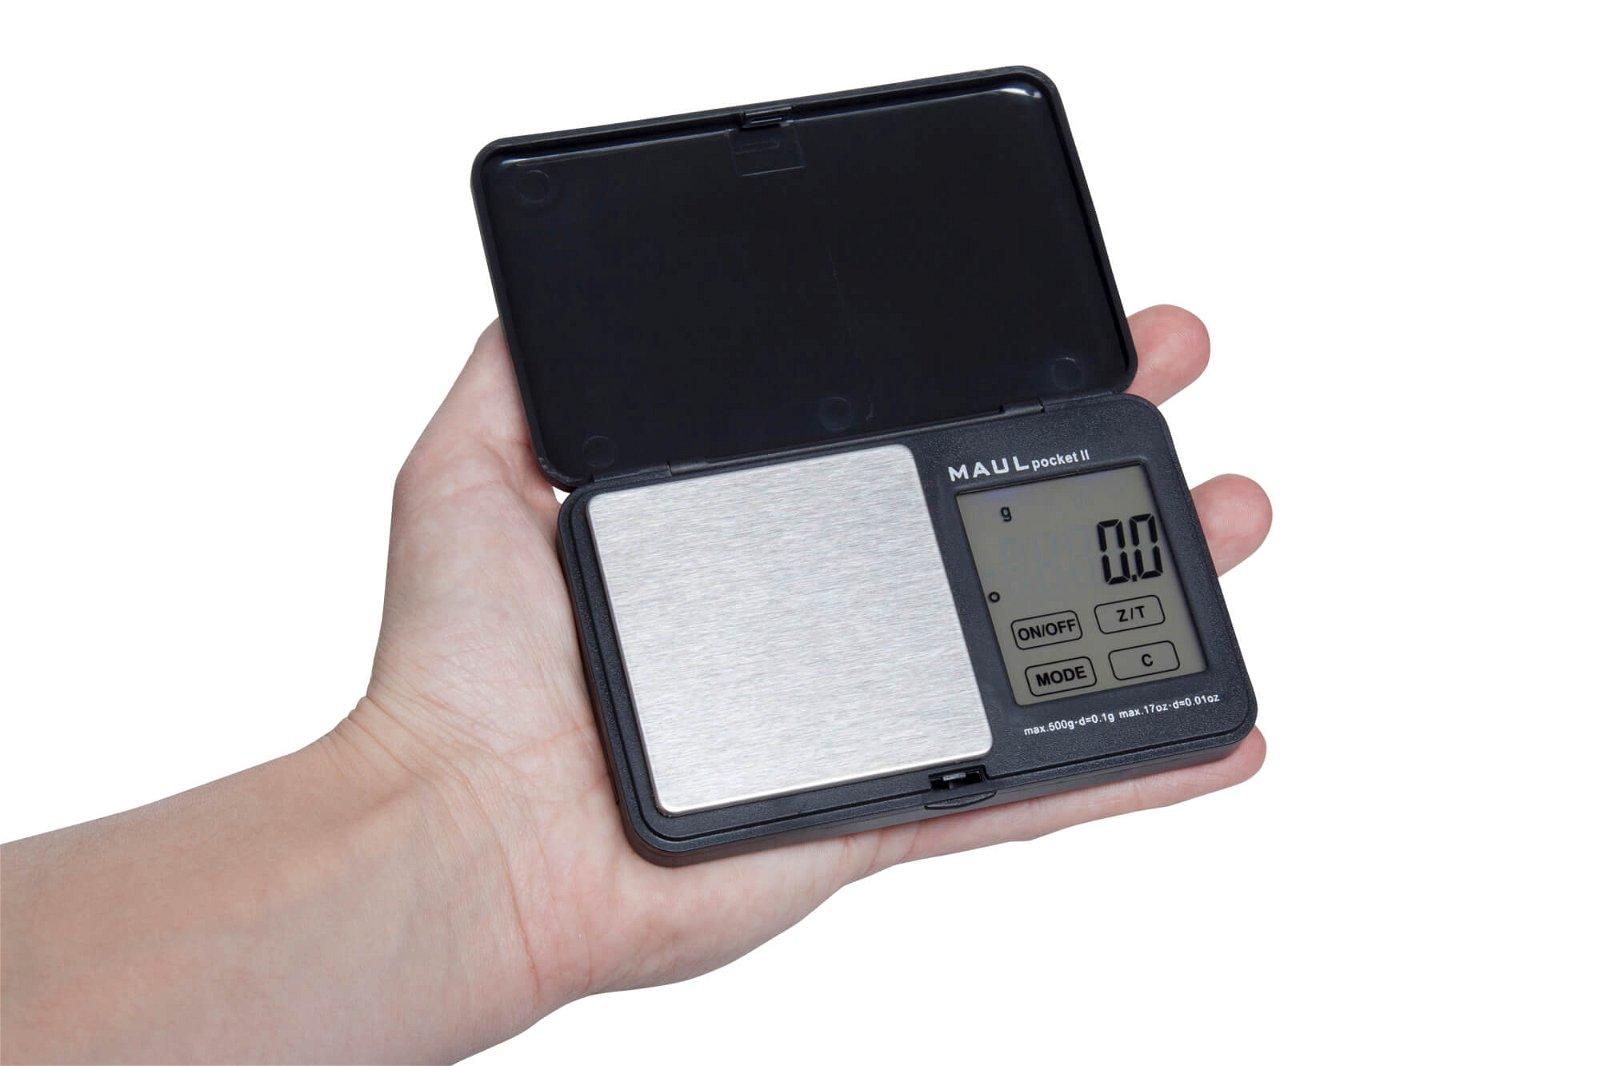 Taschenwaage MAULpocket II, 500 g, schwarz